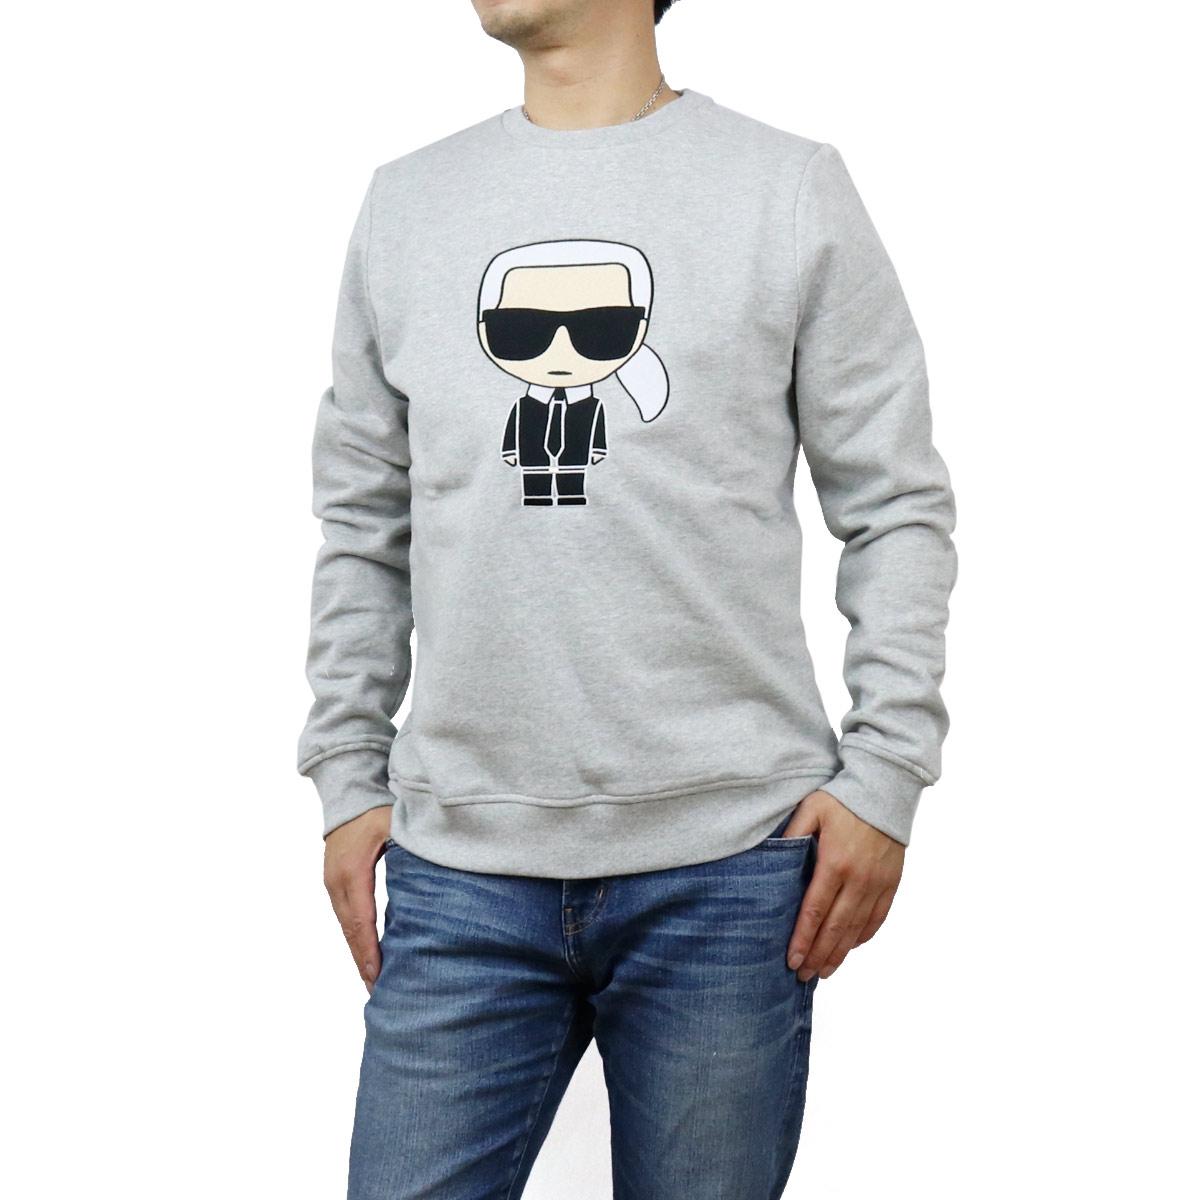 カール・ラガーフェルド Karl Lagerfeld メンズ-トレーナー スウェット IKONIK 705040 502950 941 GREY グレー系 メンズ bos-12 apparel-01